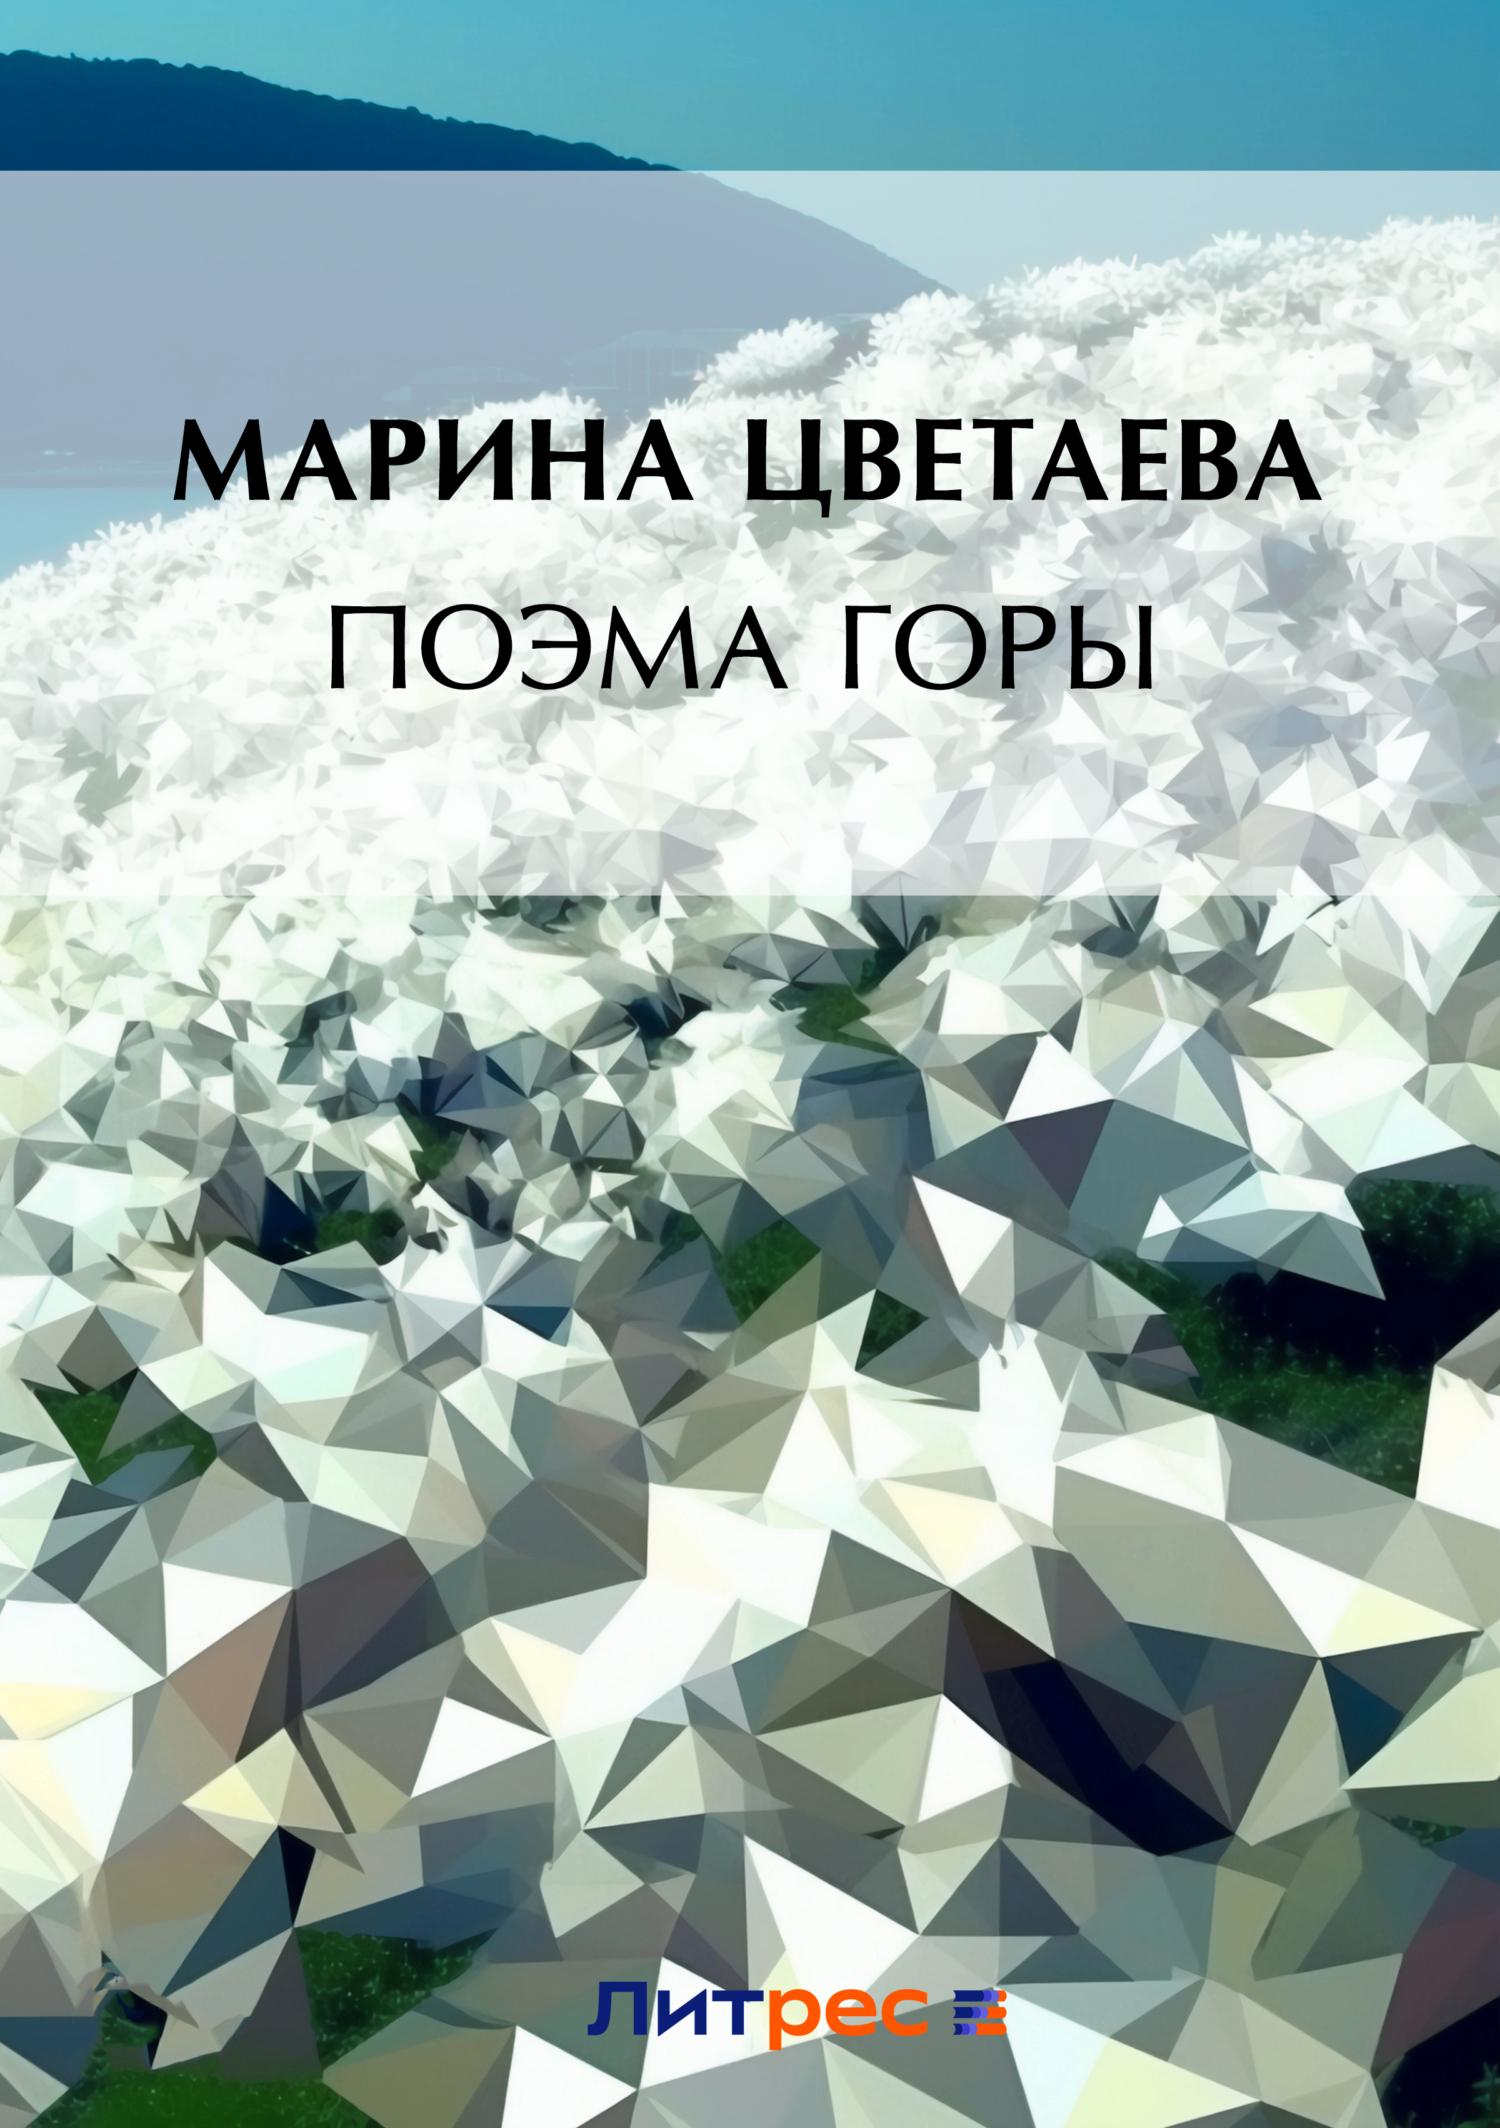 Марина Цветаева Поэма горы цветаева м великие поэты мира марина цветаева